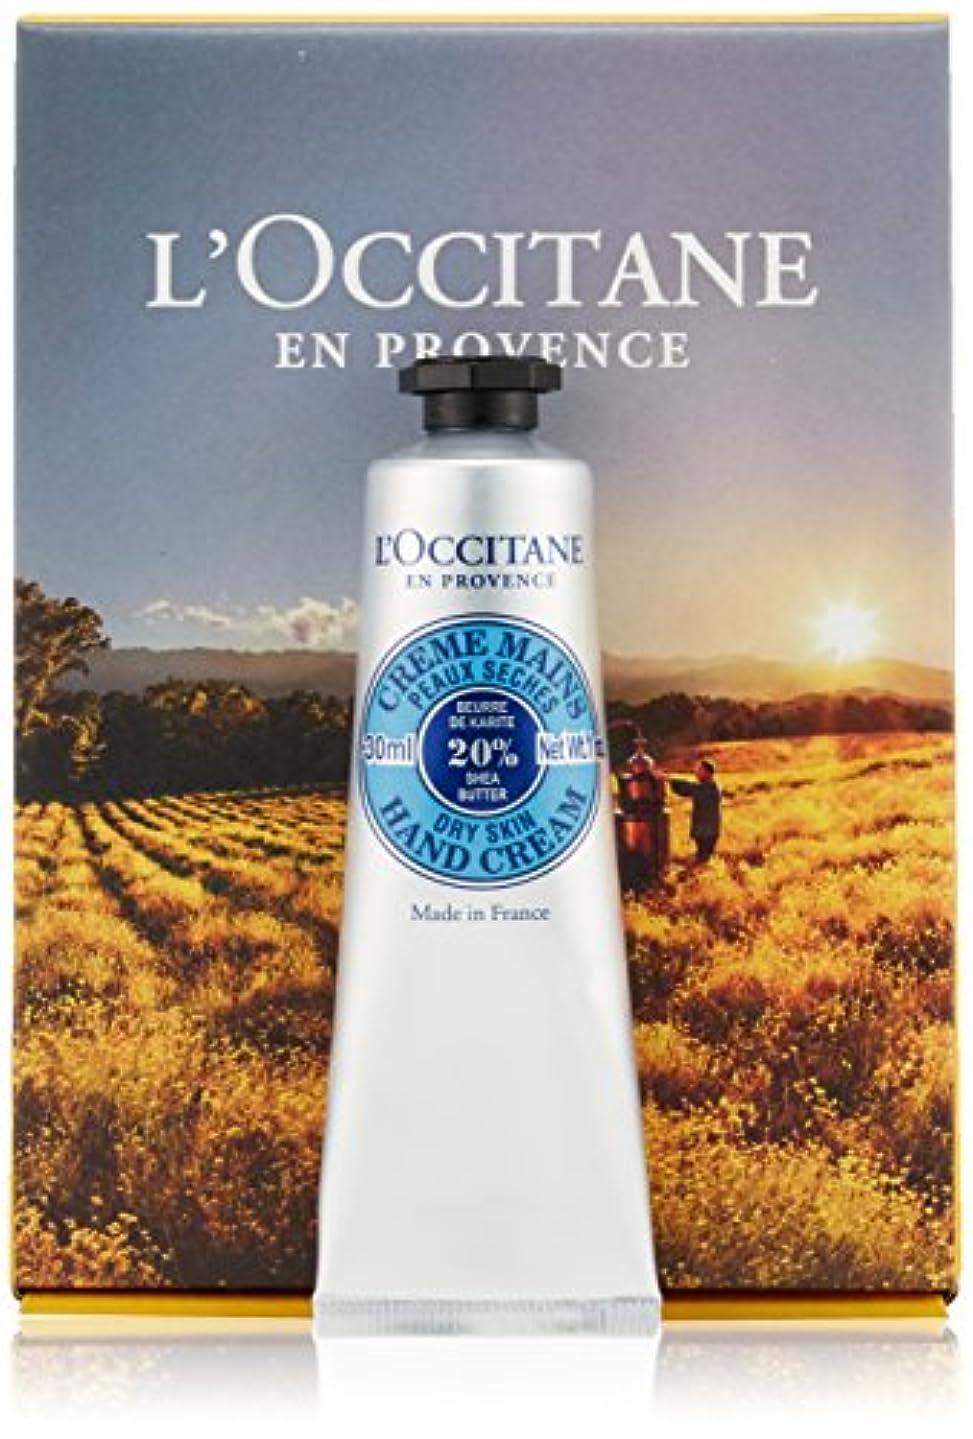 計り知れないボーダー葡萄ロクシタン(L'OCCITANE) シアハンドクリーム 30ml BOX入り